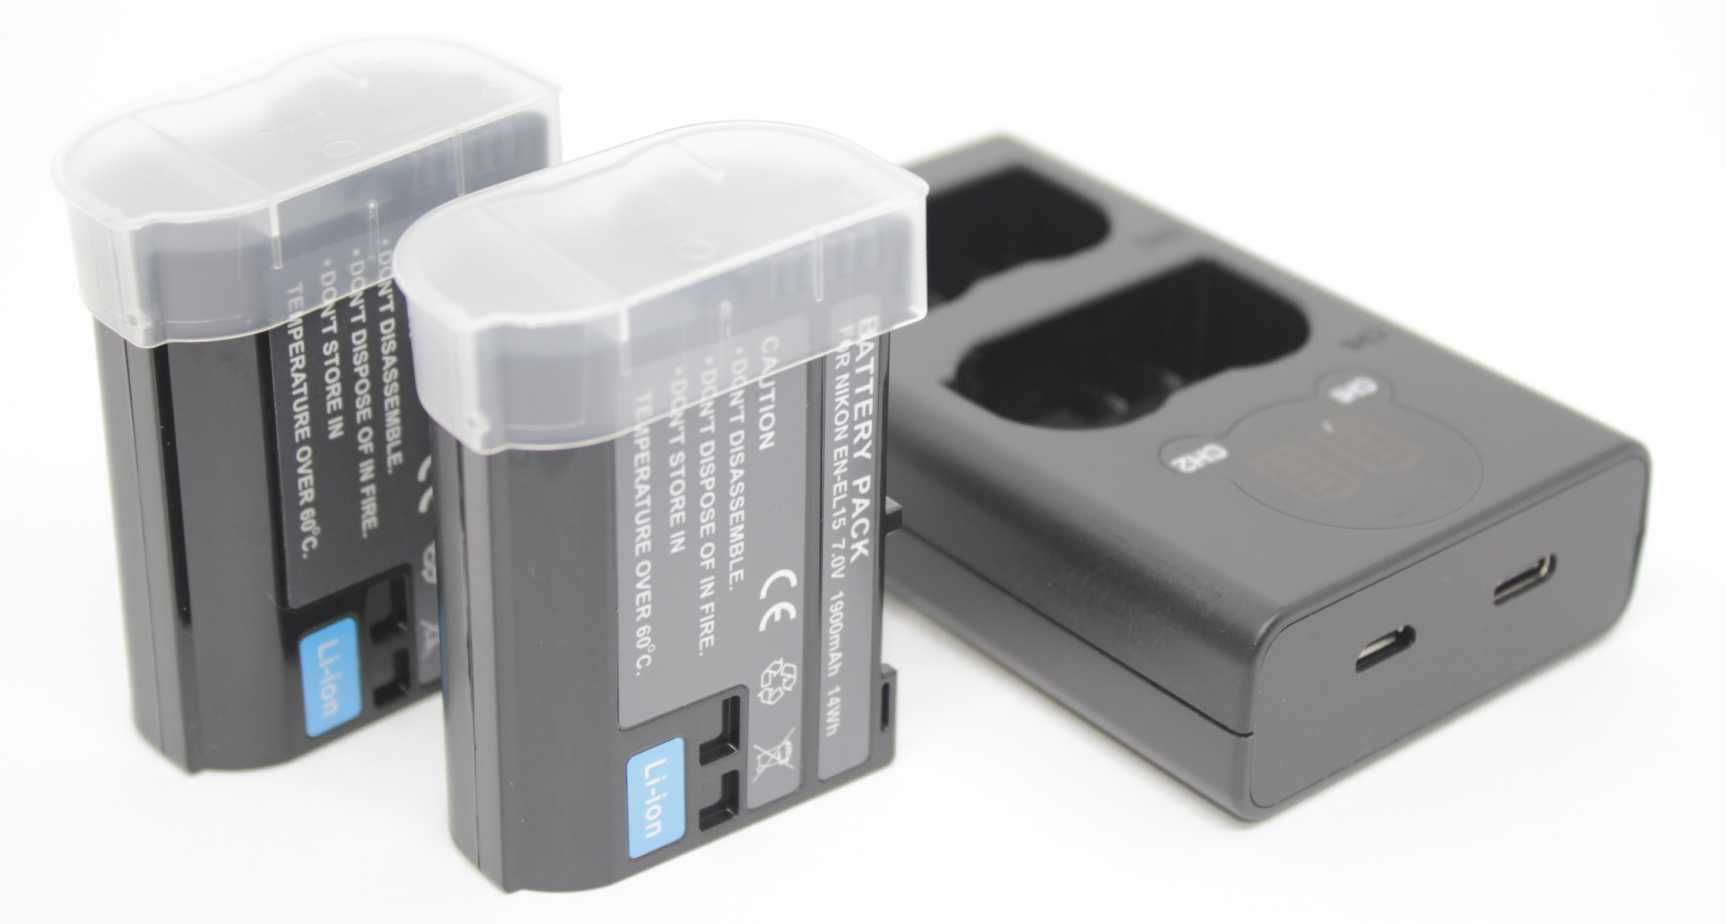 2 Baterias EN-EL15 +  Carregador Duplo para Nikon D7000, D800, D800e, D600, D7100